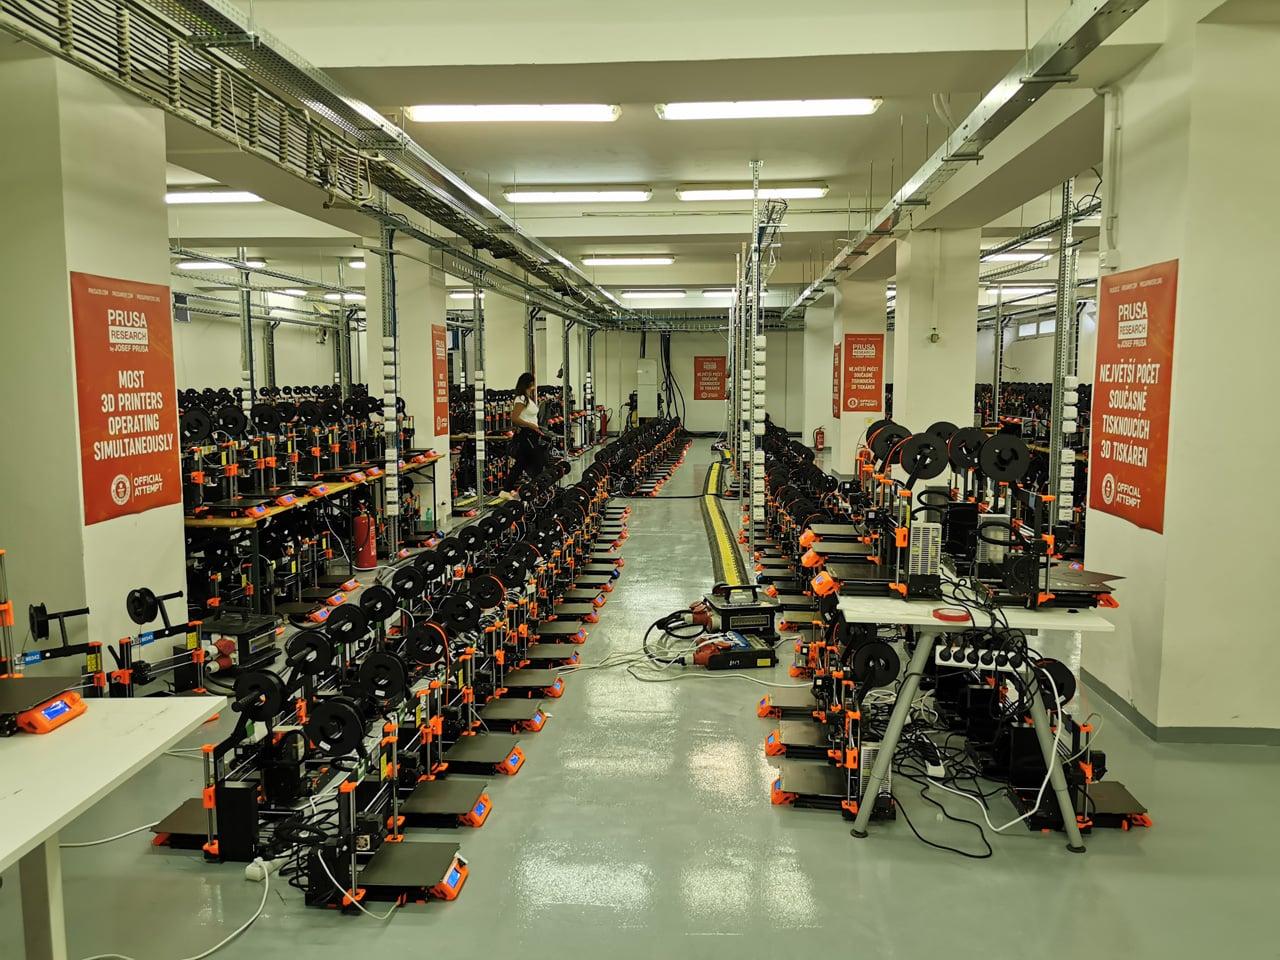 Průša: Guinnessova kniha rekordů a tisíc 3D tiskáren v chodu